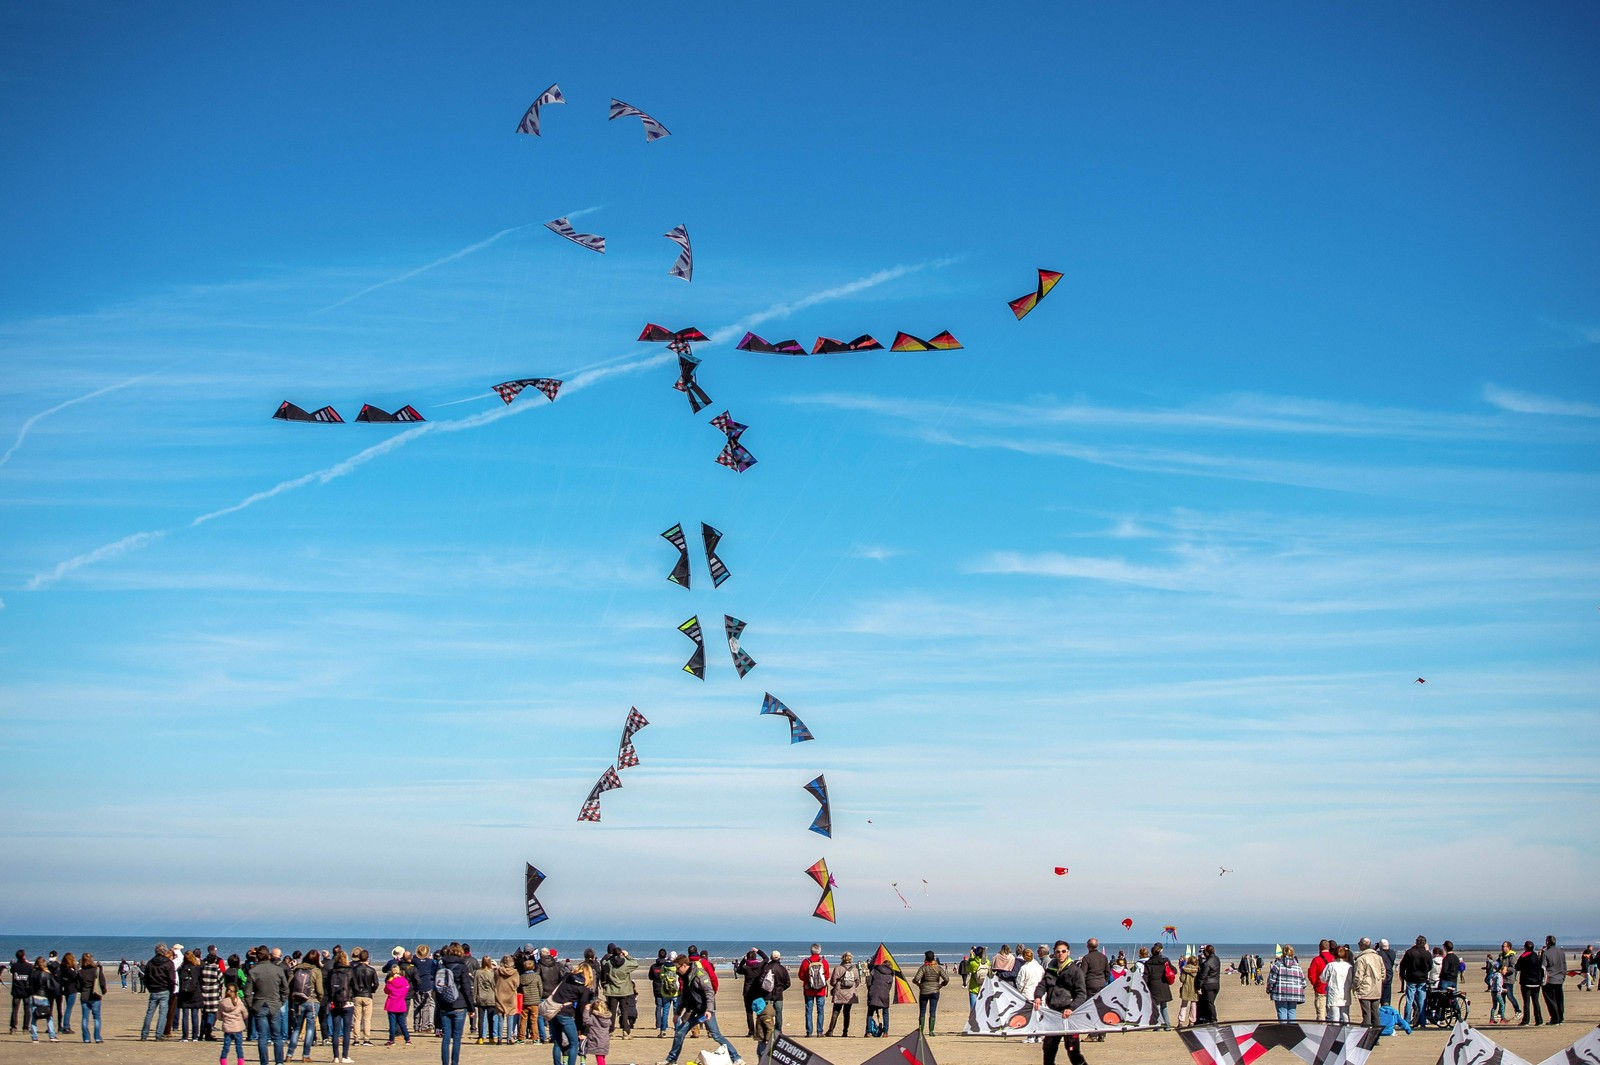 DRAGEMORO: Folk flyr drager i formasjon under den internasjonale dragefestivalen i Berck-sur-Mer nord i Frankrike.